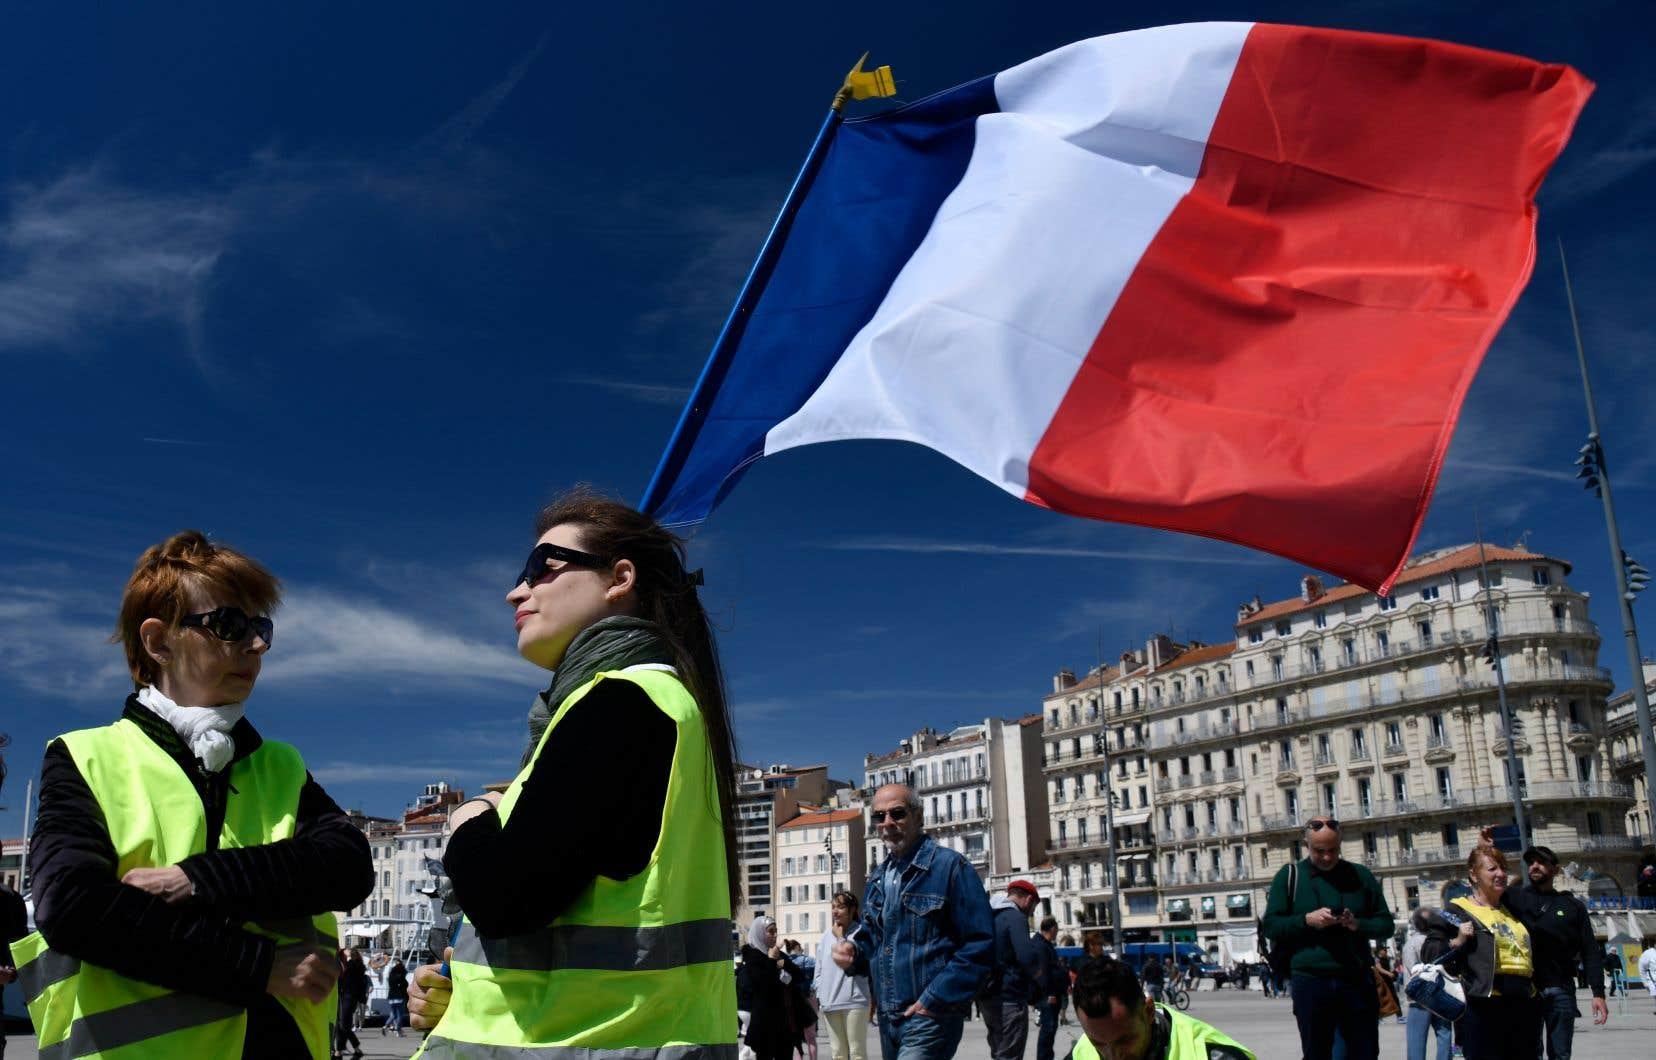 Samedi dernier, les «gilets jaunes» ont été au total 27900 à battre le pavé en France, selon le ministère de l'Intérieur.